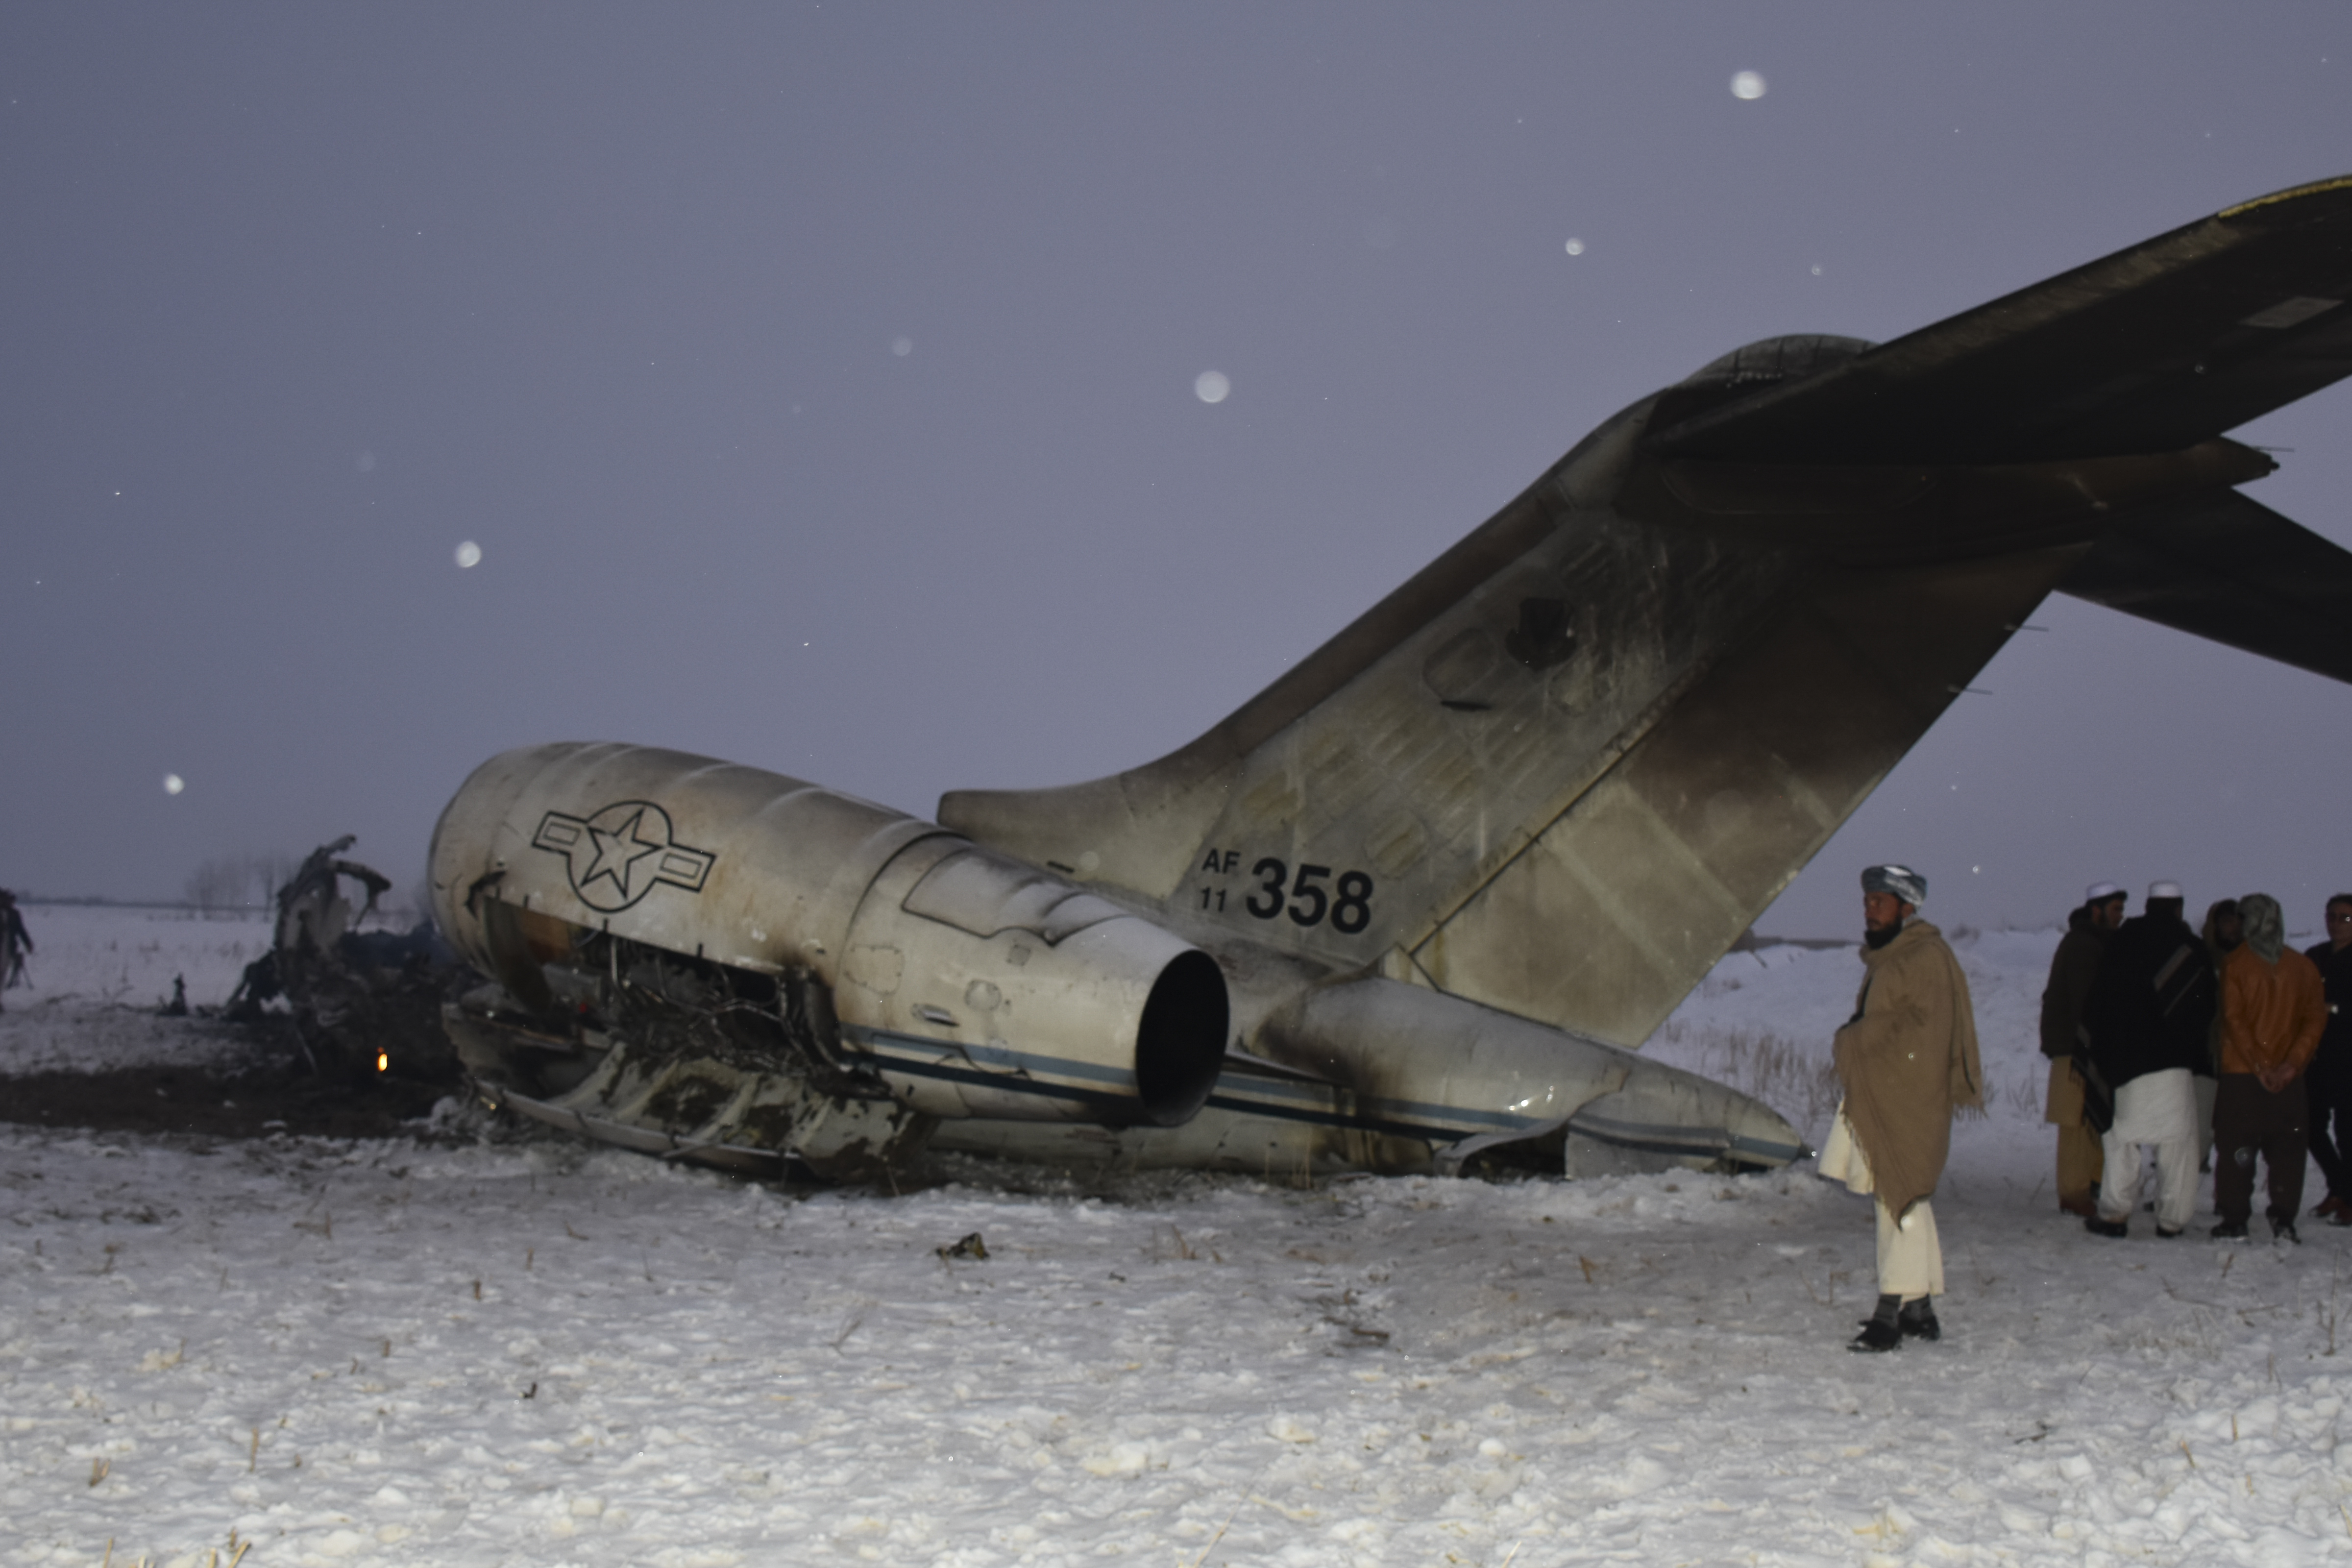 Pentagon identifies 2 Air Force airmen killed in Afghanistan